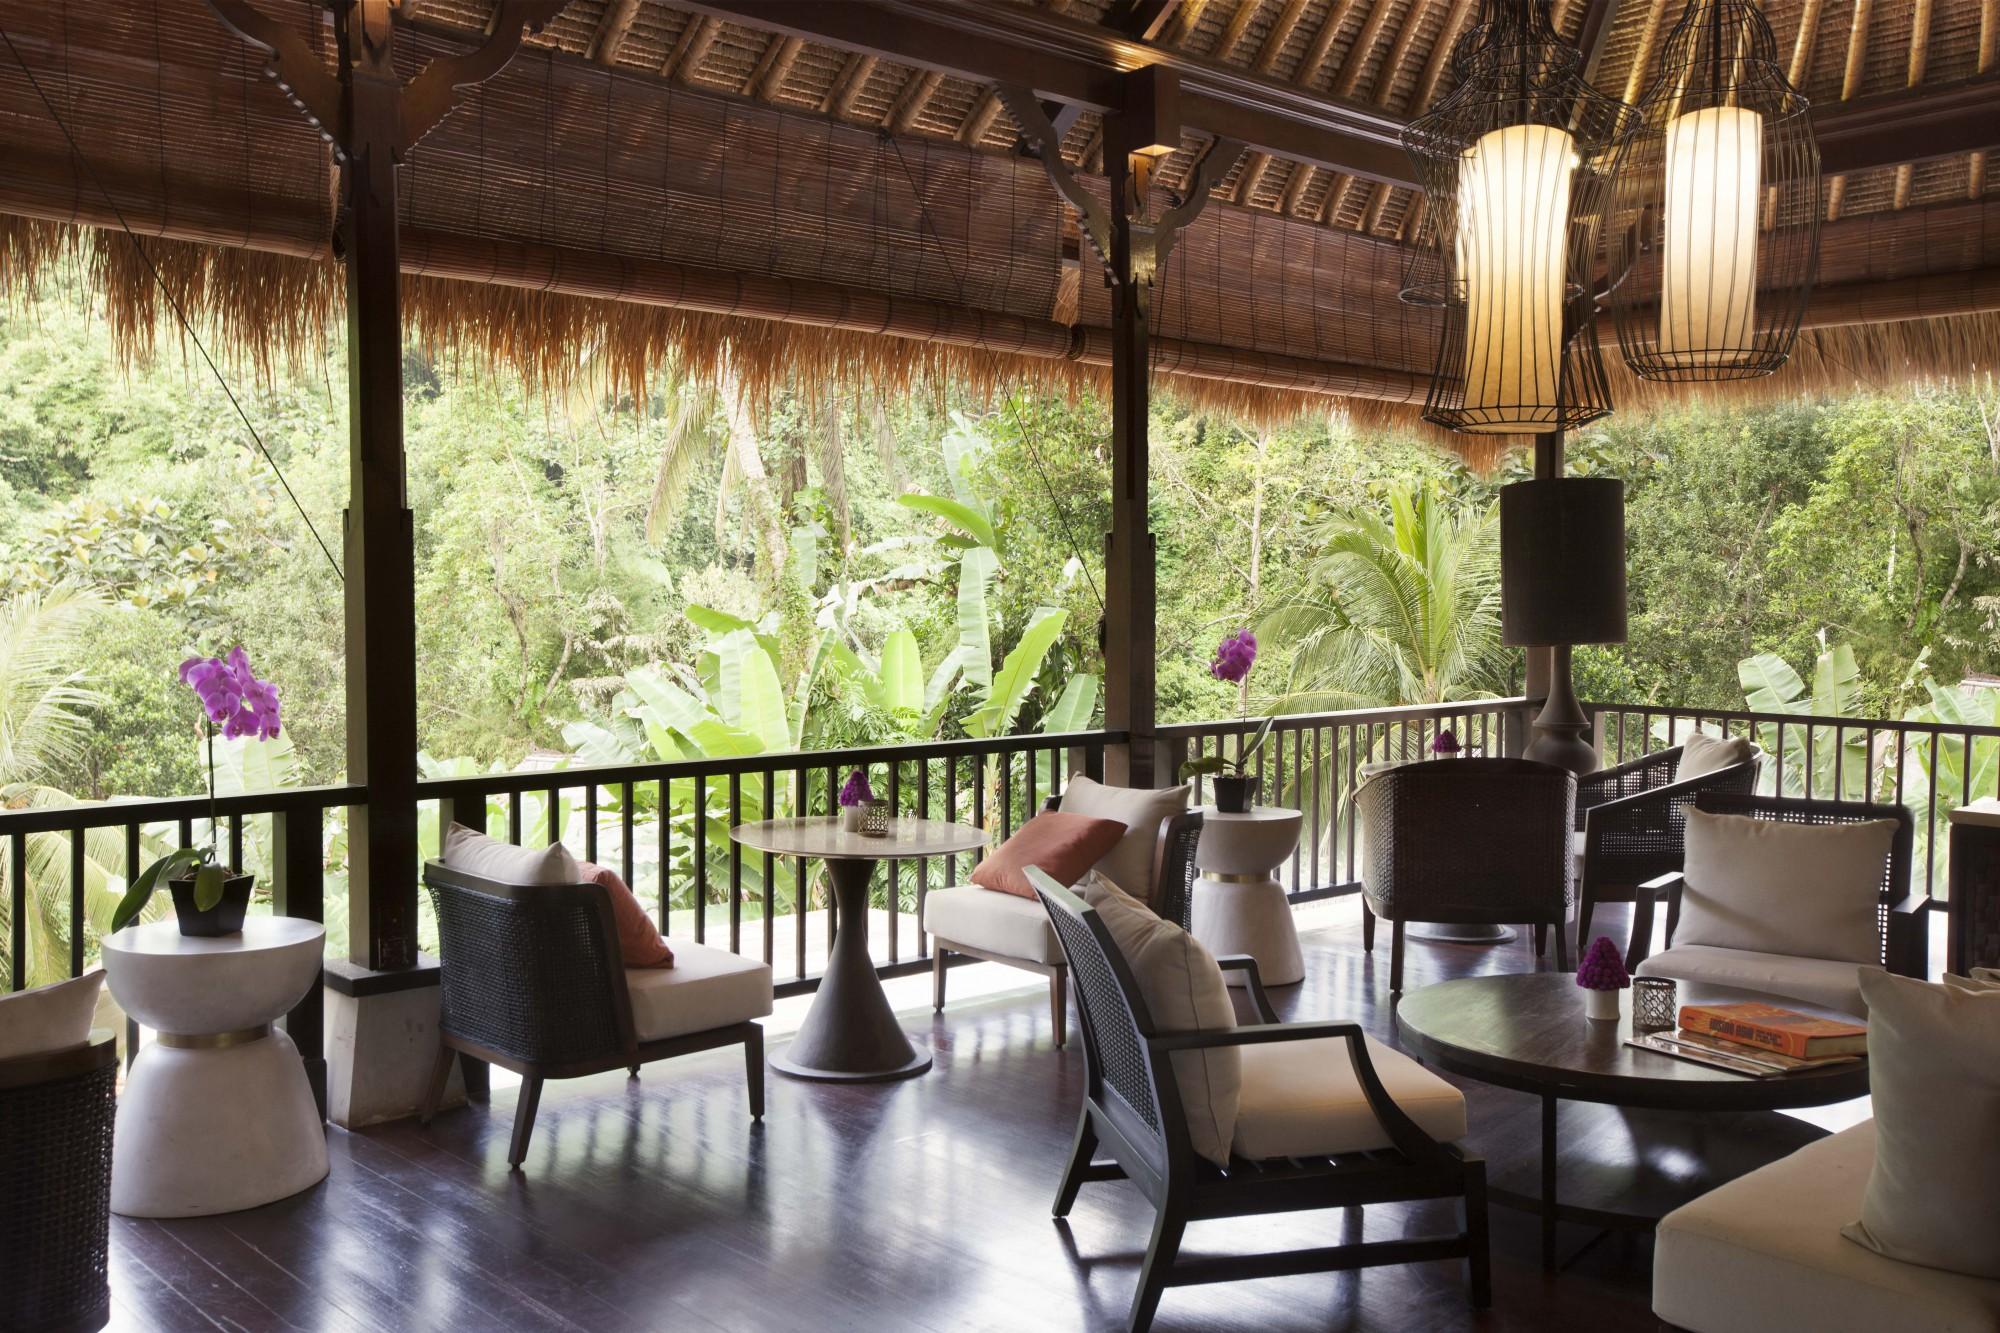 https://www.otdesign.com/wp-content/uploads/2020/11/OTdesign_Hanging_Gardens_Bali-img_7438.jpg